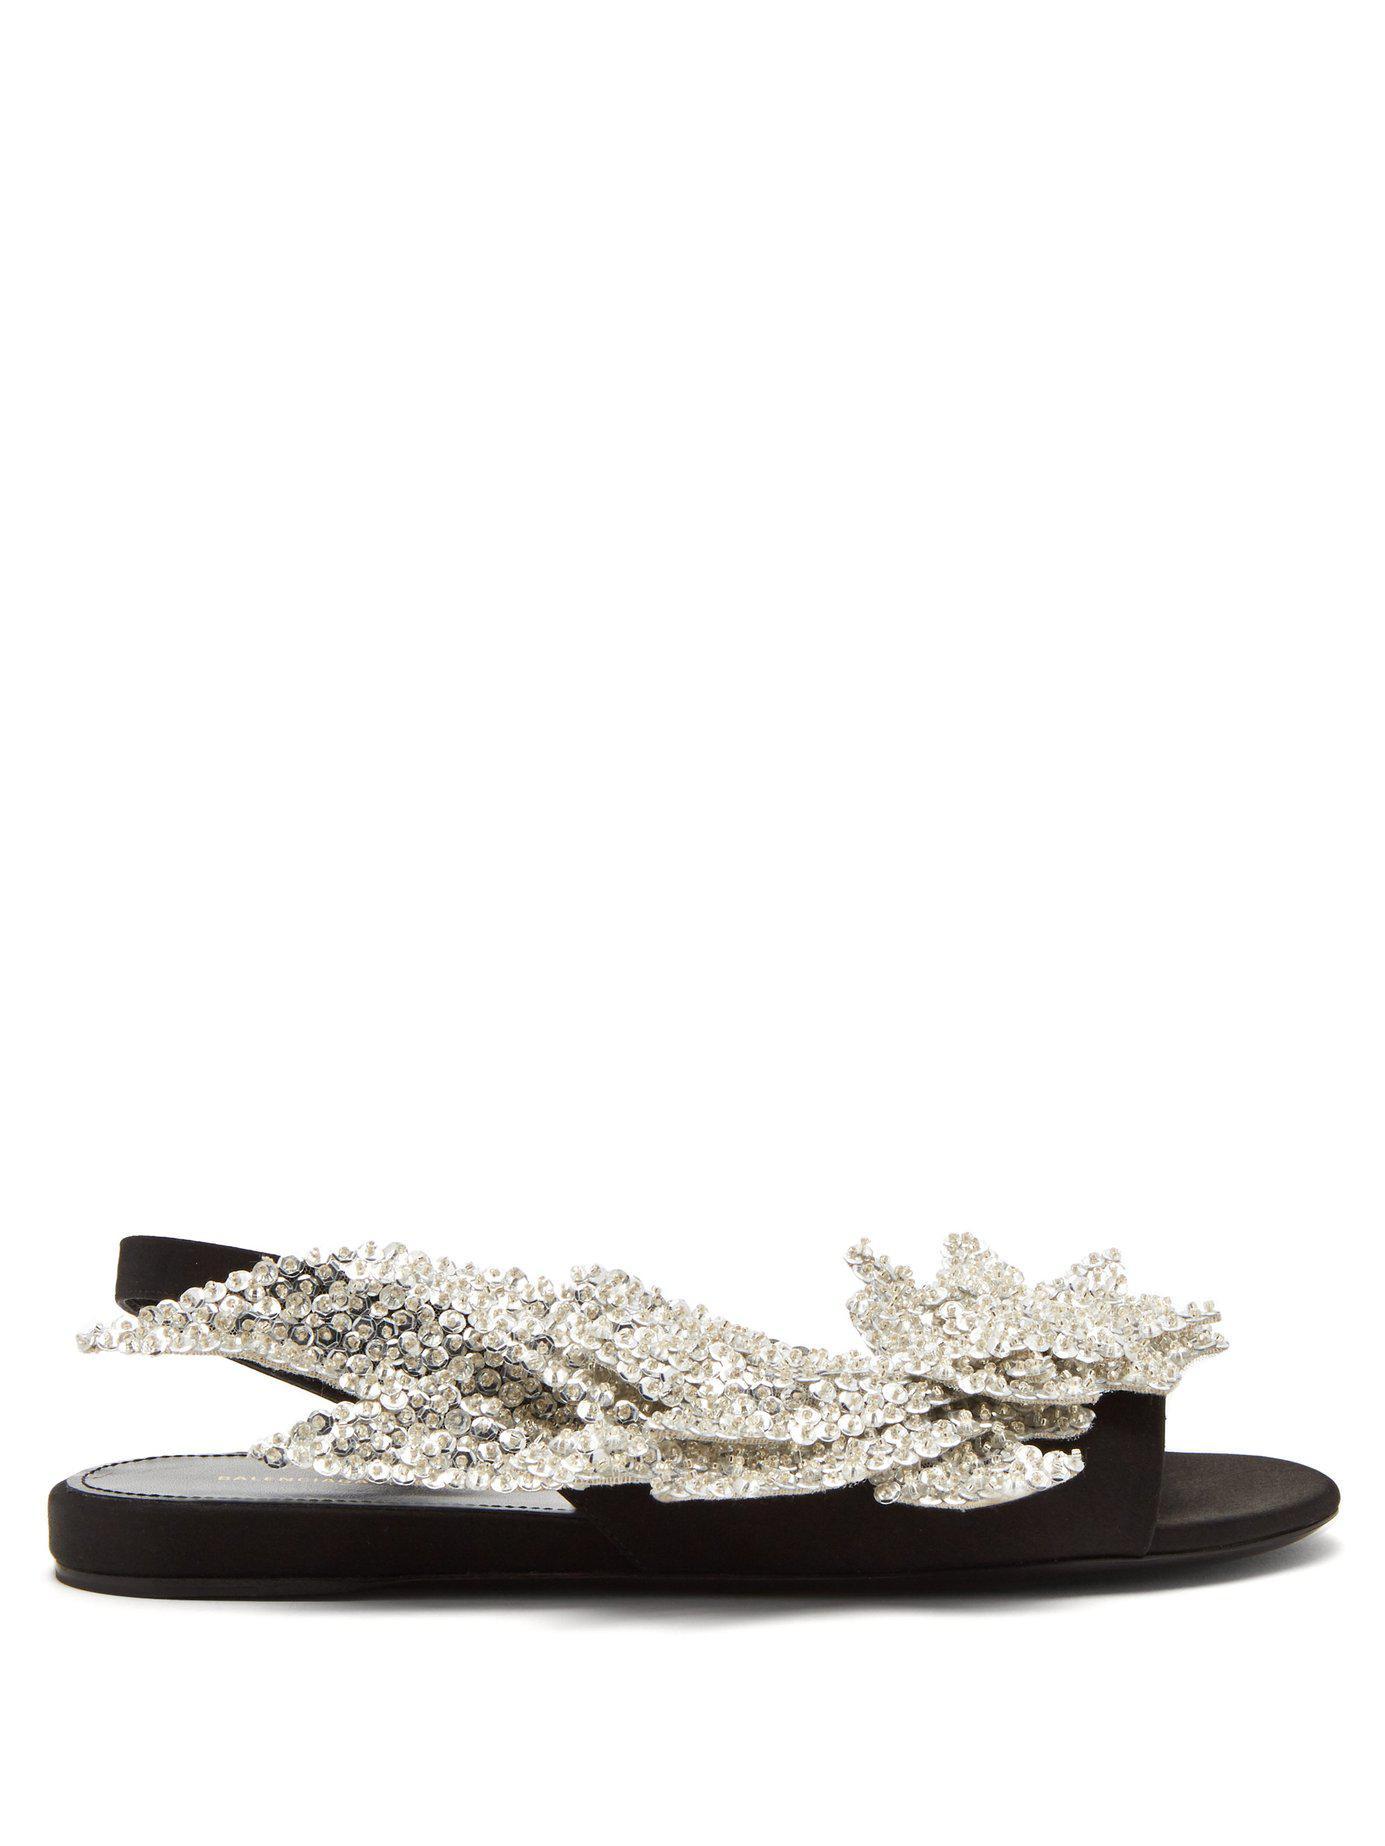 1d3baae5ca964 Lyst - Balenciaga Slash Flat Sandals in Black